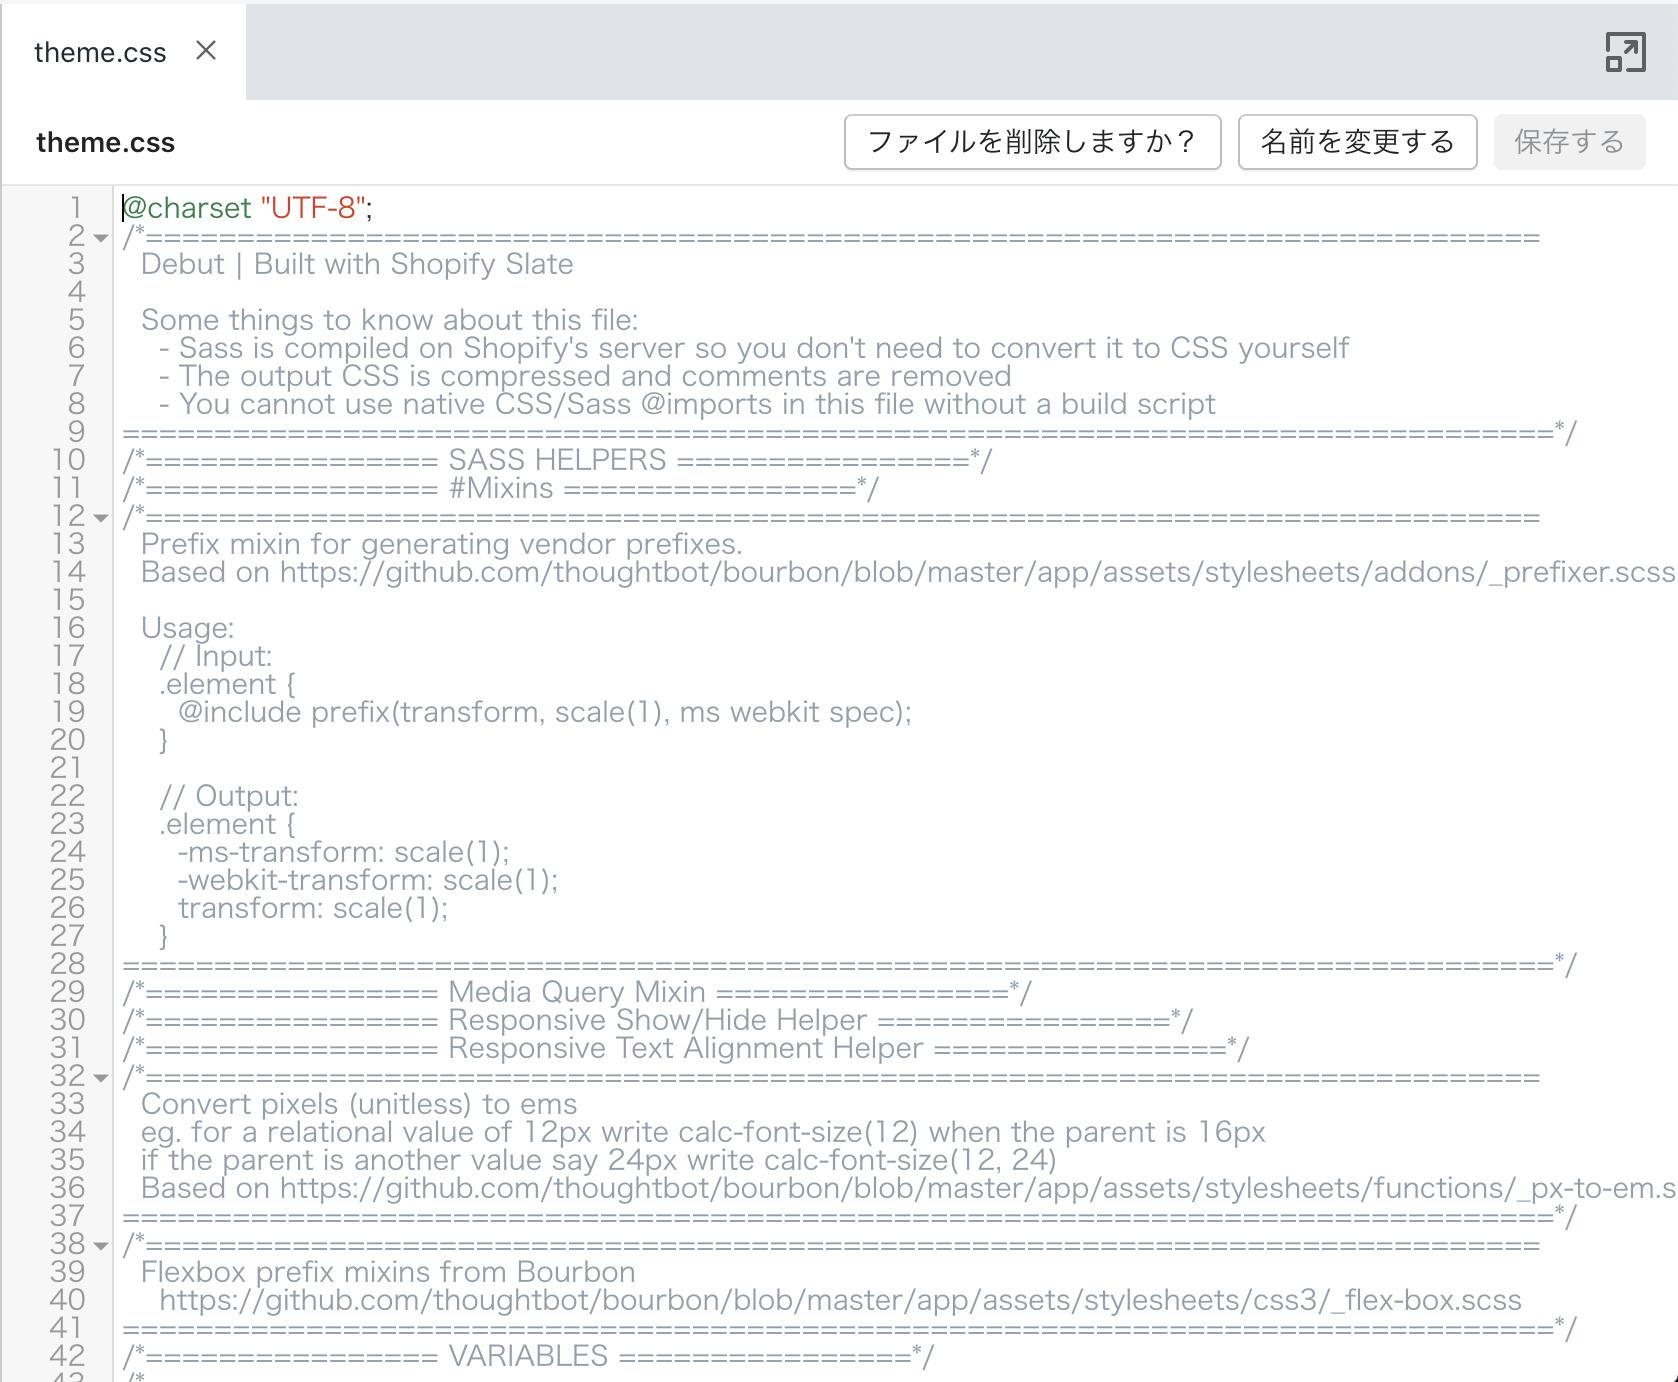 アイキャッチ画像:Shopify テーマのデフォルトスタイルと独自スタイルの CSS の共存を模索した